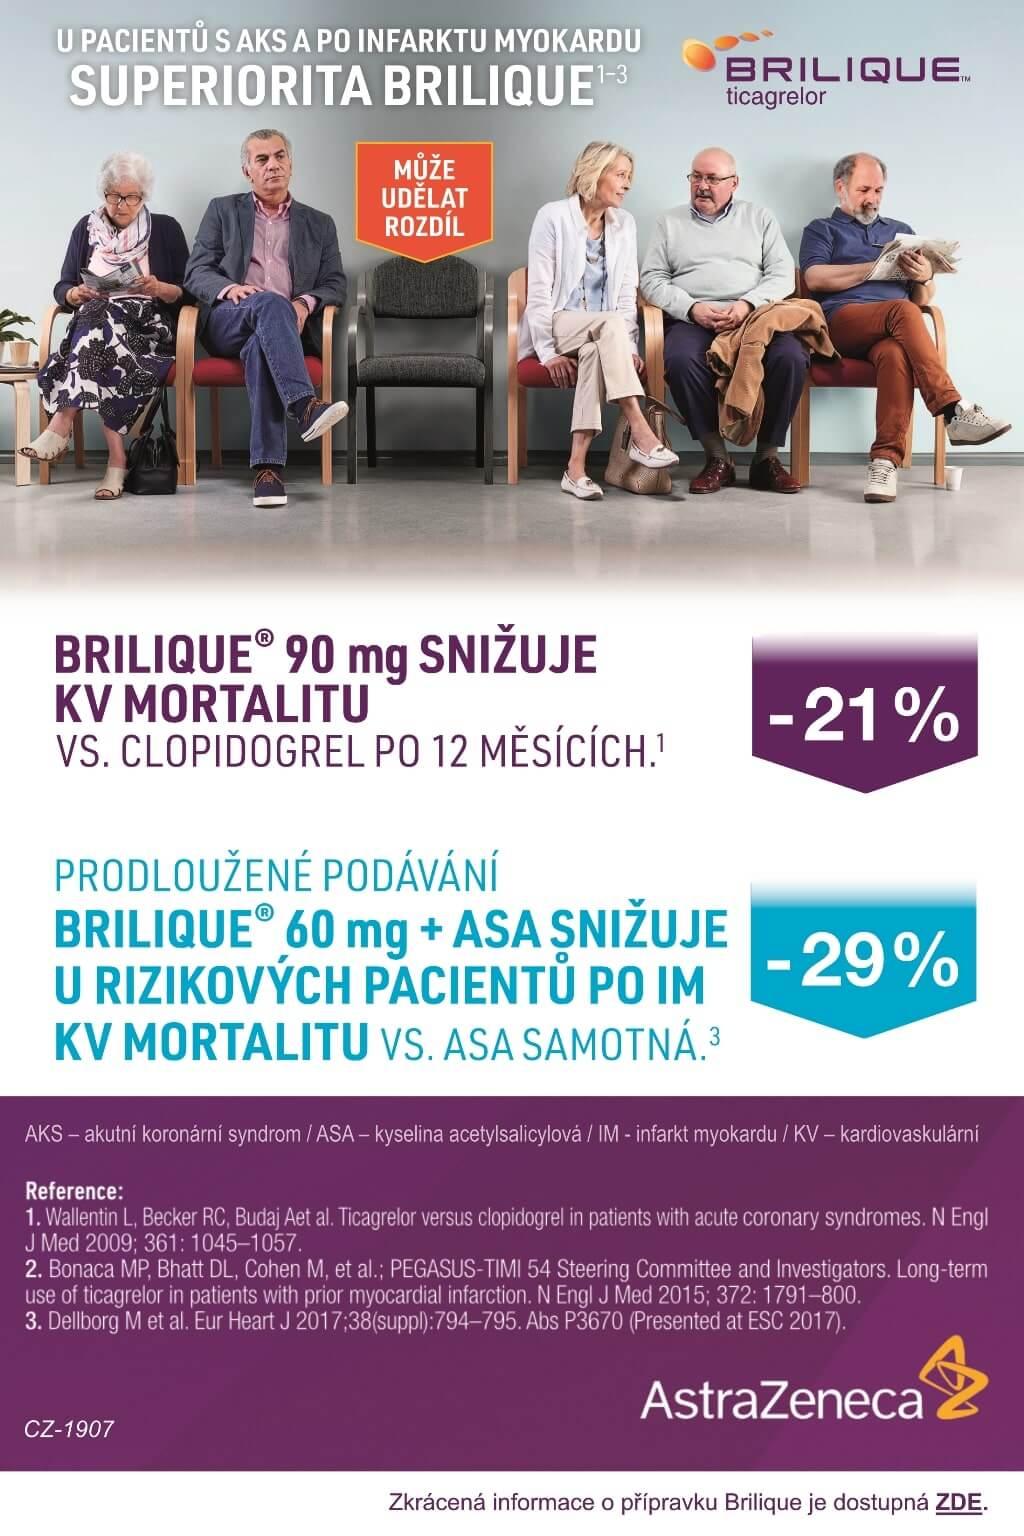 Brilique – AstraZeneca